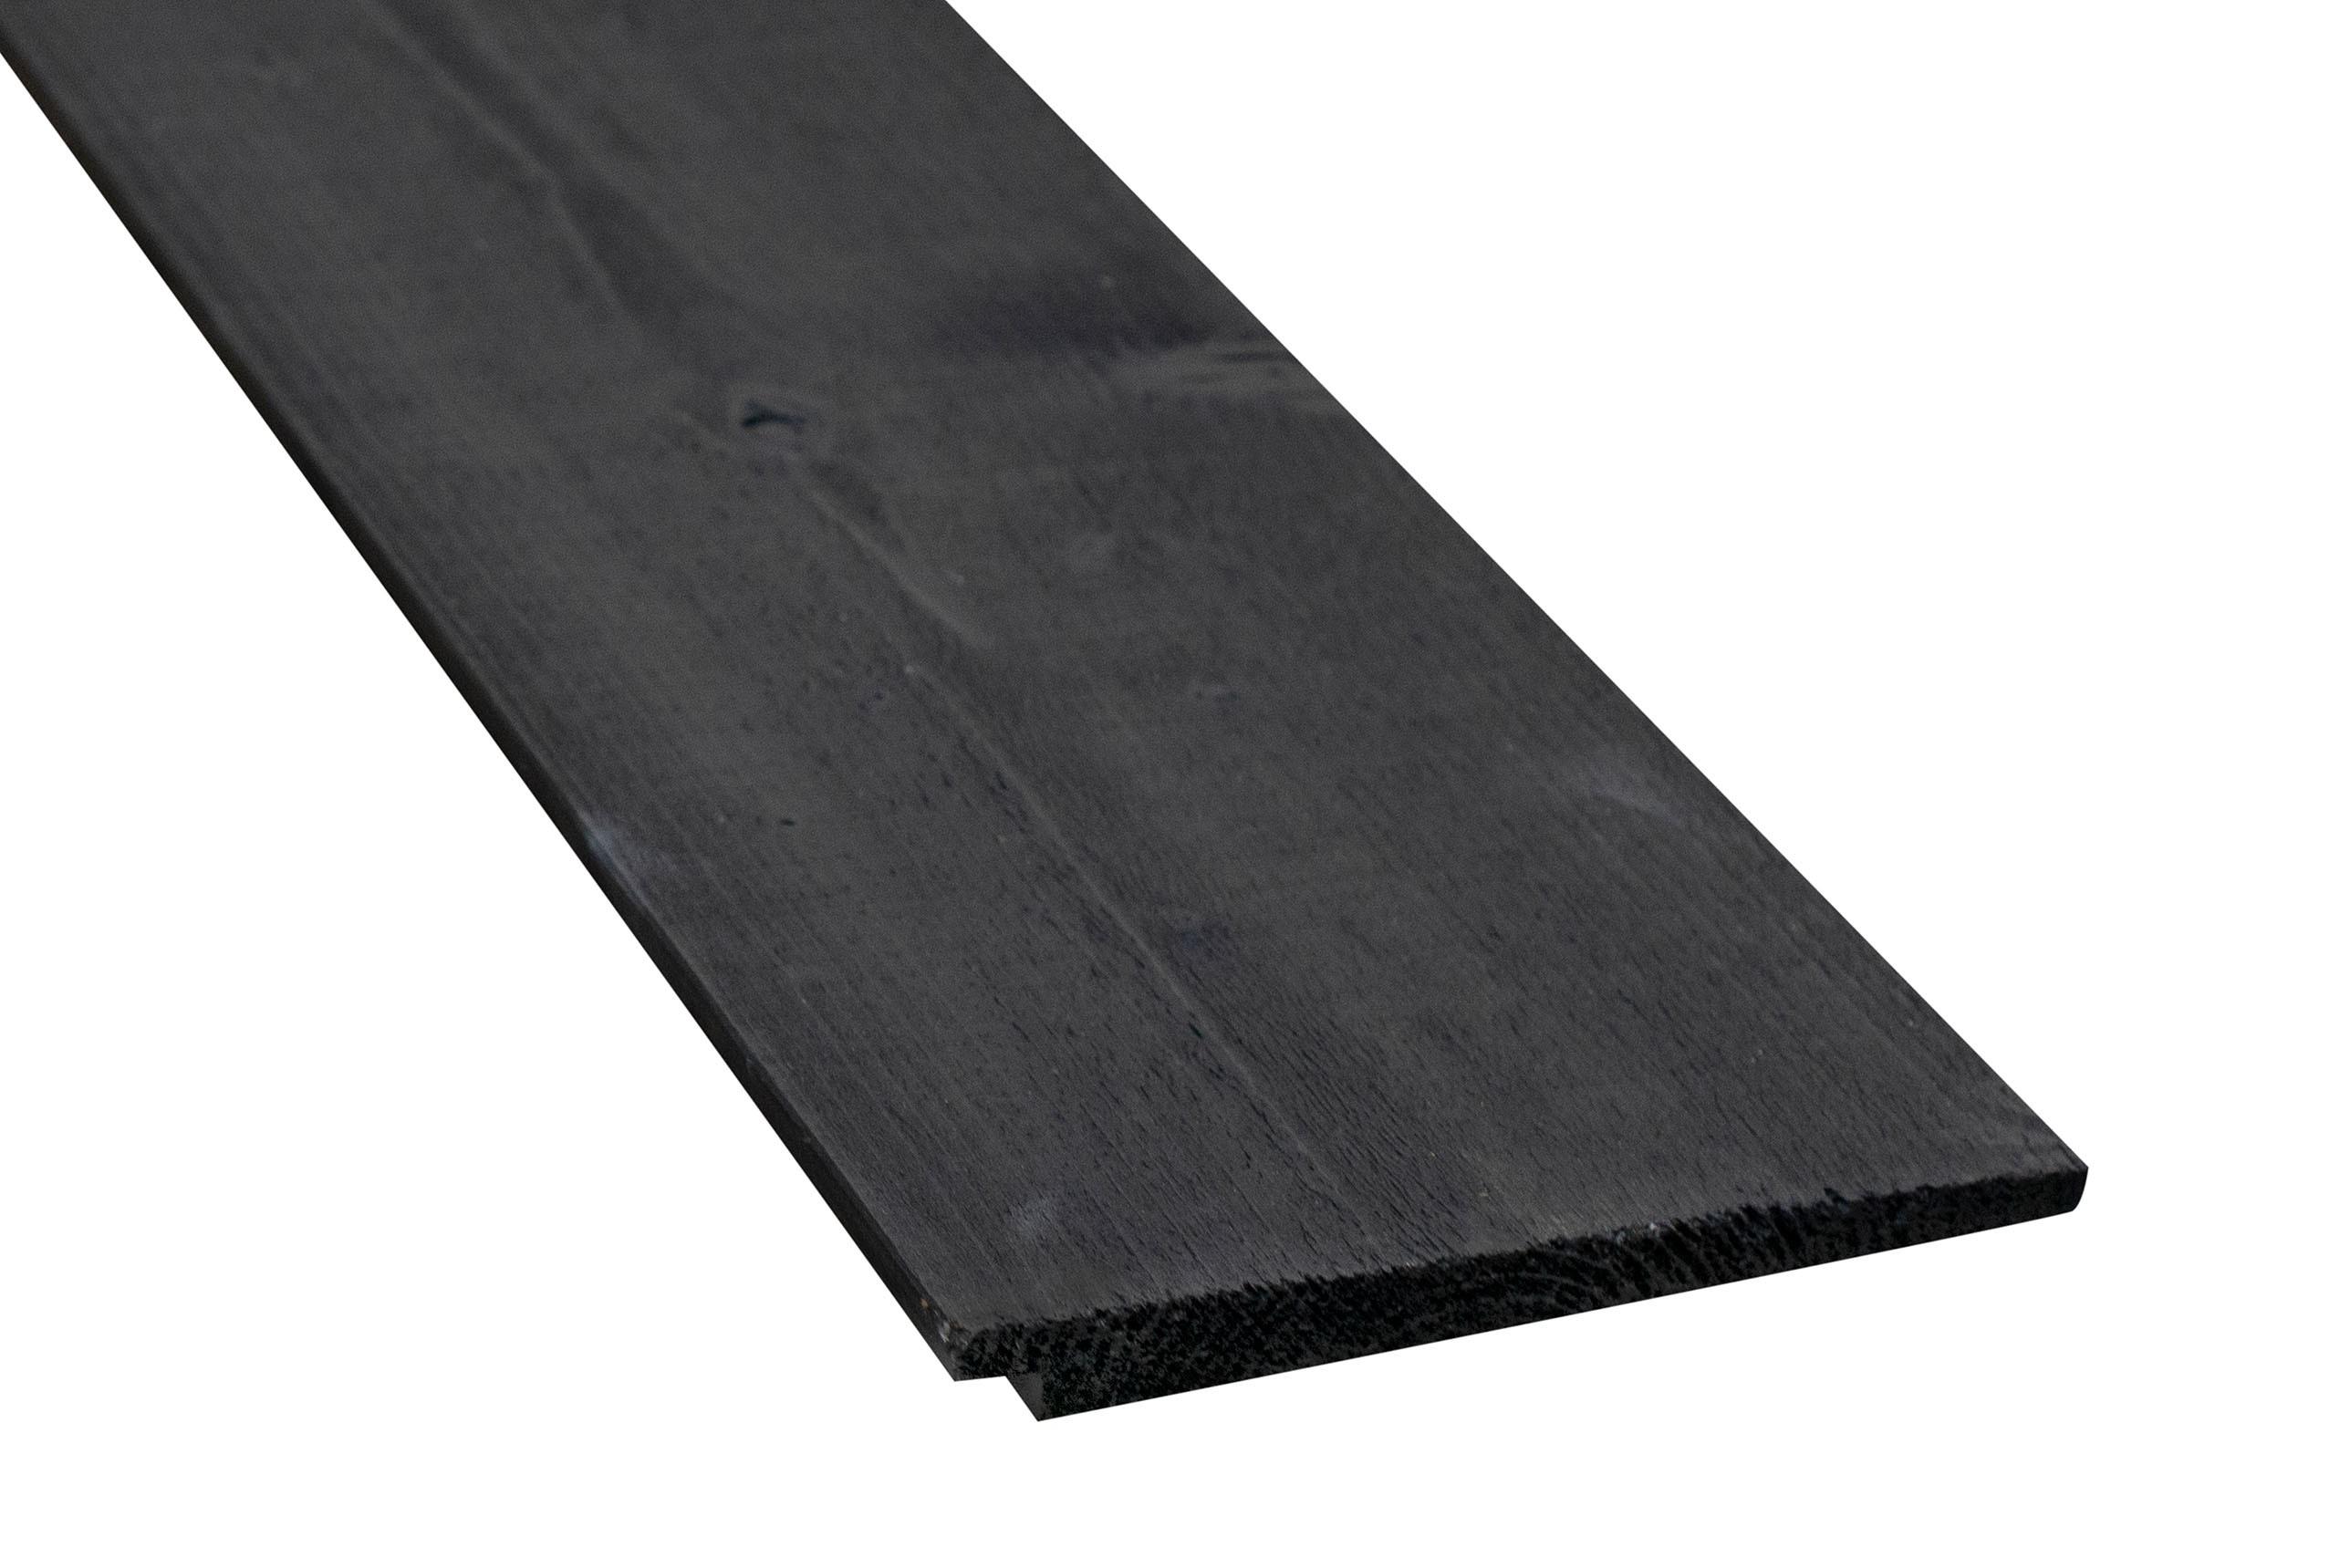 Vuren gemodificeerd Zweeds Rabat zwart gebeitst  fijnbezaagd/ 10/21 mm 175 mm werkend lengte 5,10 m